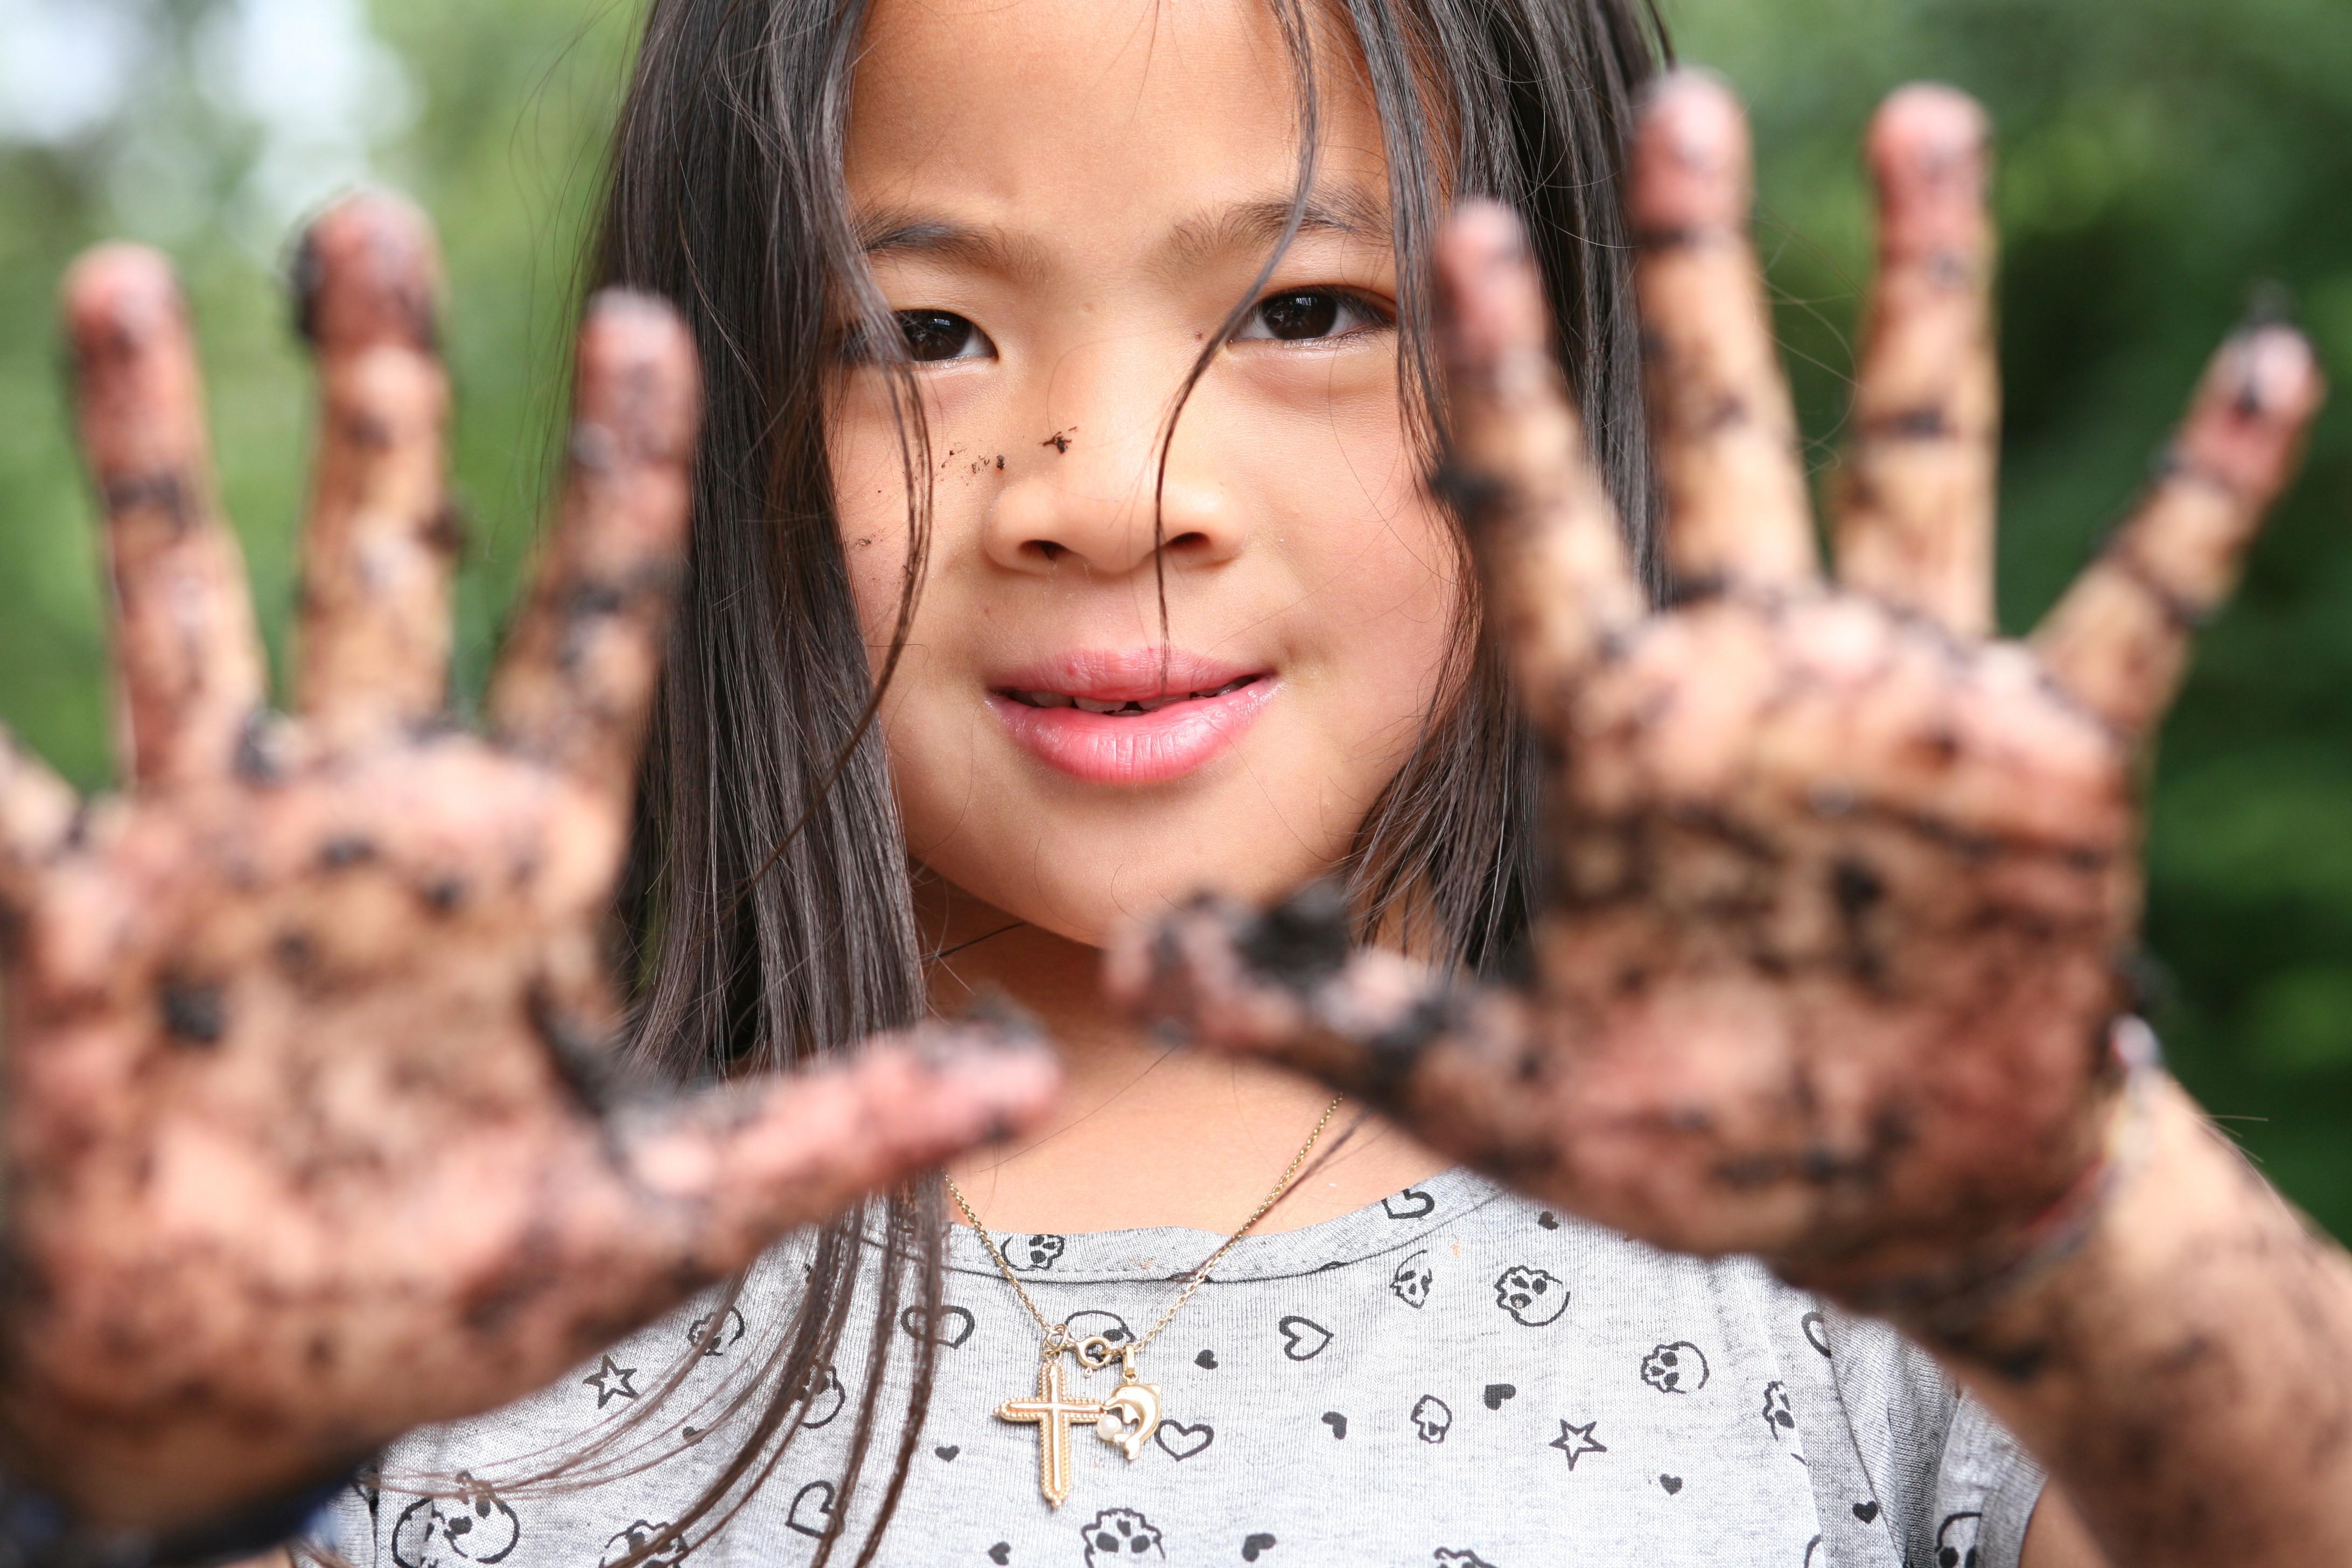 Criança com mãos sujas (Foto: jeancliclac/Thinkstock)